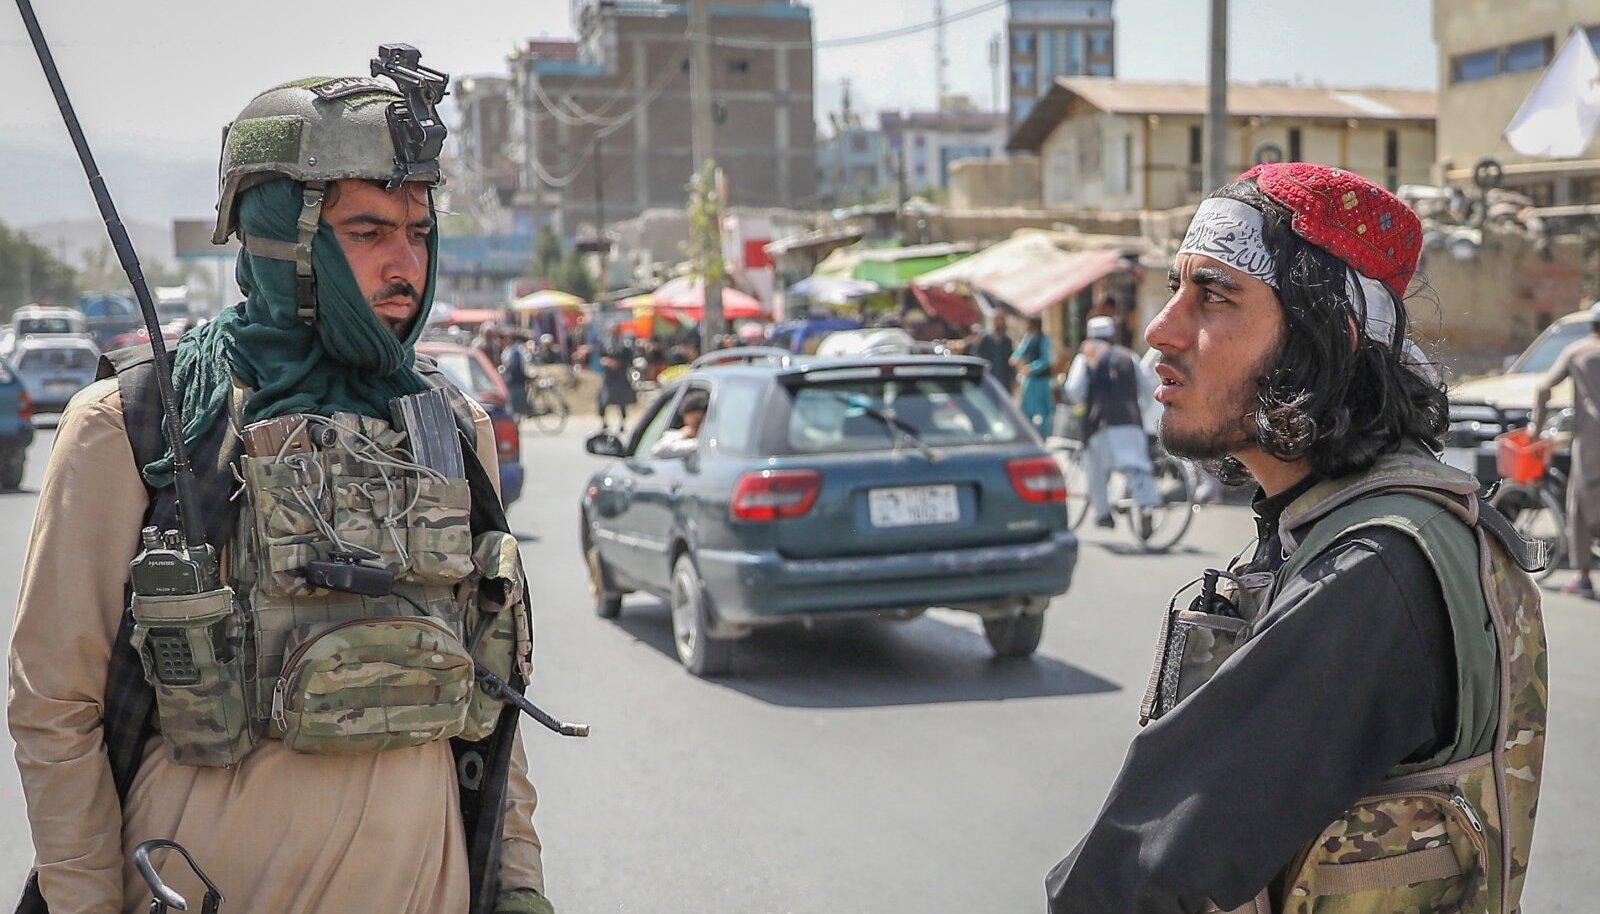 Uue võimu nägu: Talibani liikmed valvasid eile Kabuli kontrollpunktis korda.